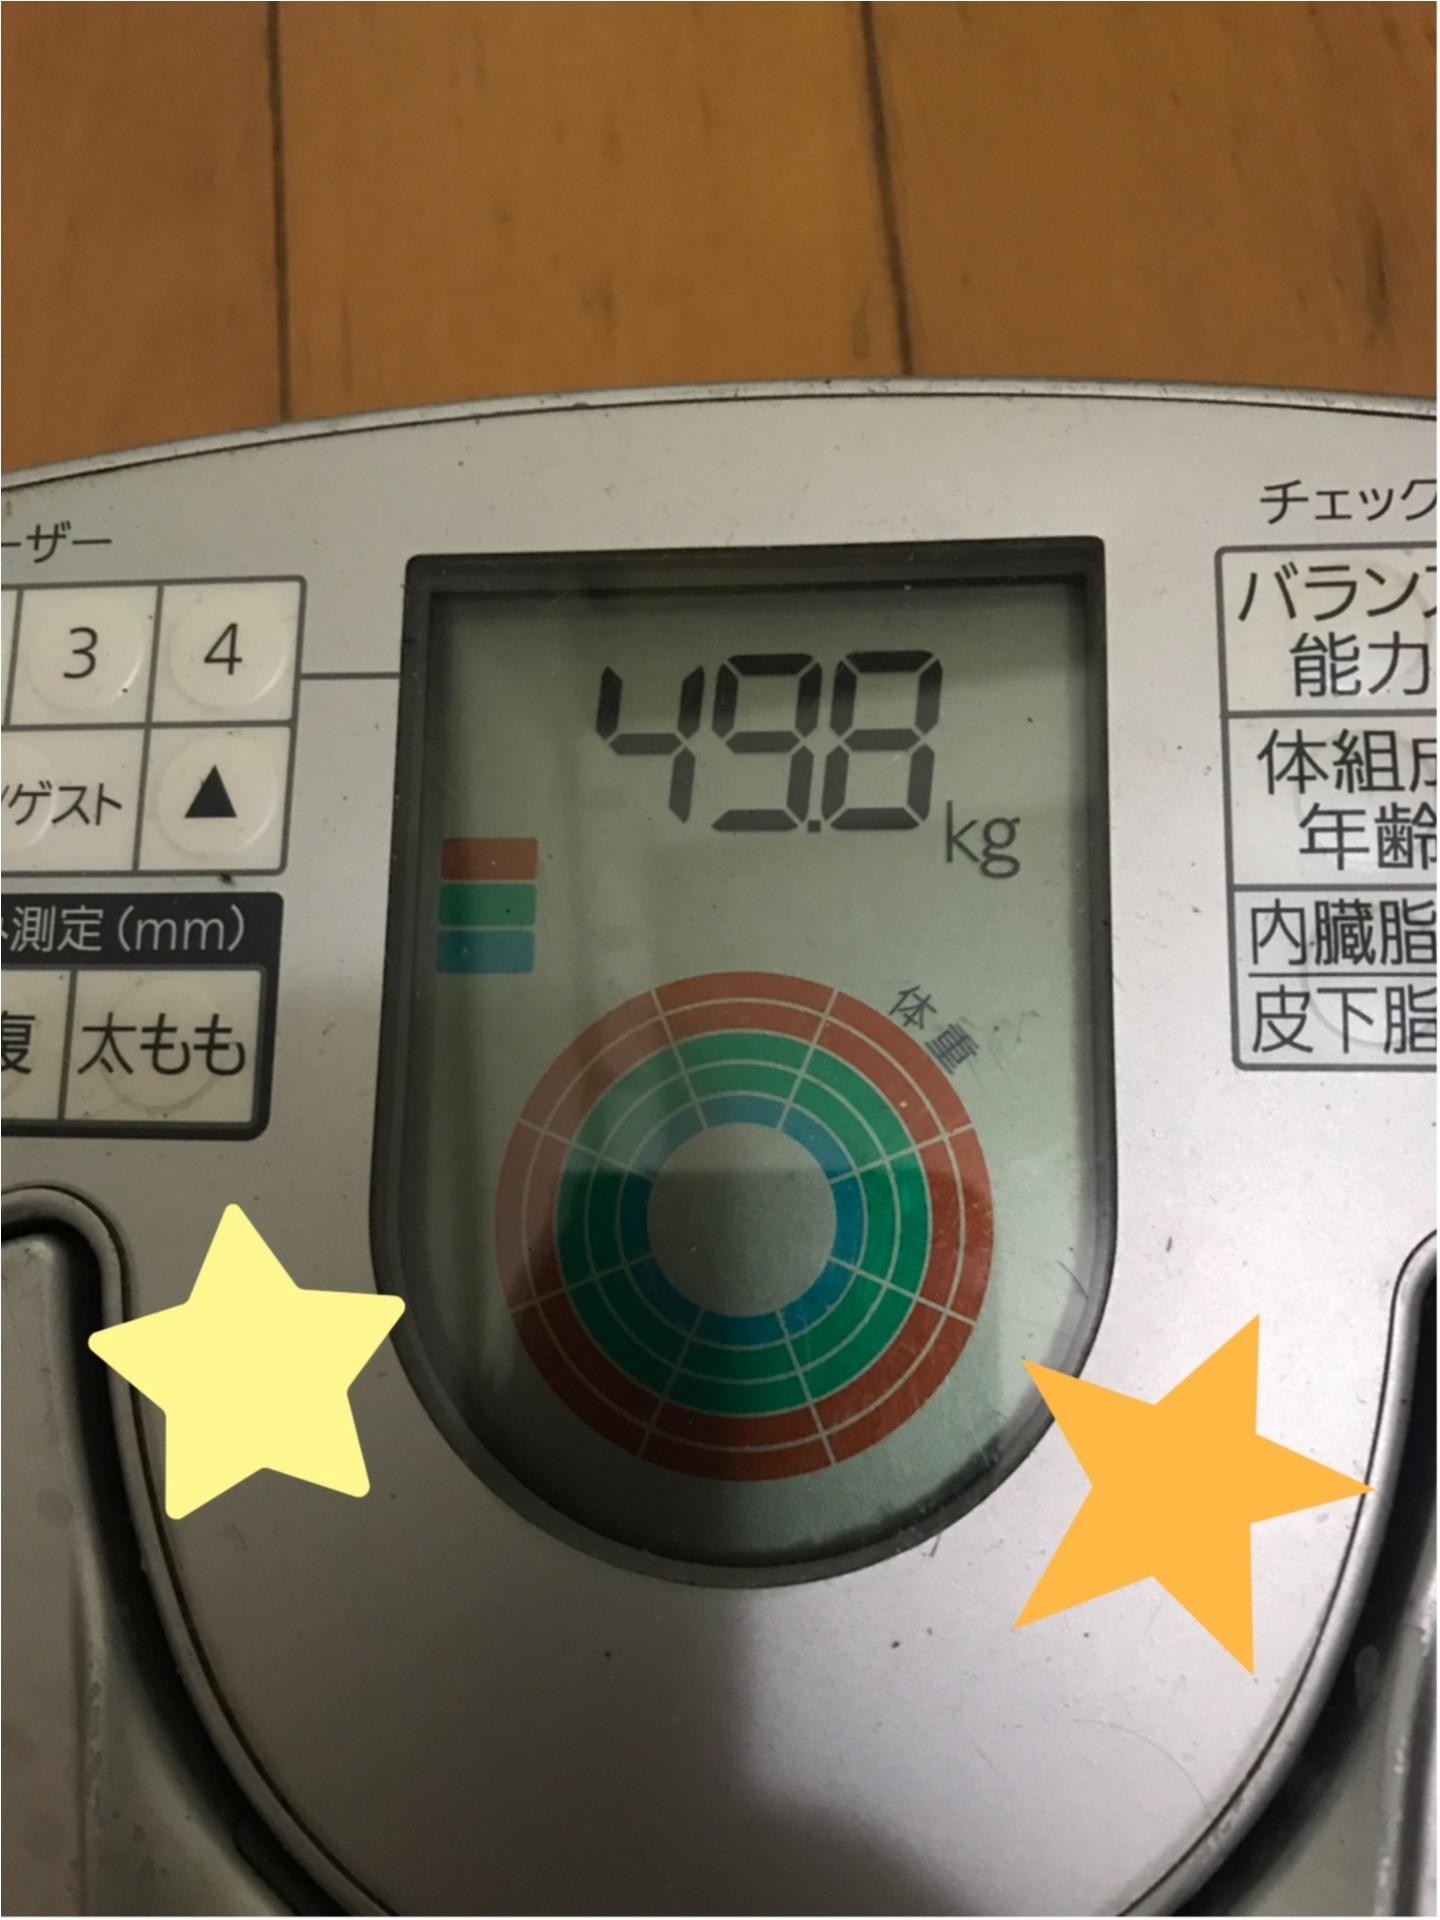 池谷理香子先生の少女マンガから、「明治ザ・チョコレート」の新商品がランクイン! 今週のライフスタイル人気ランキングトップ3♡_1_1